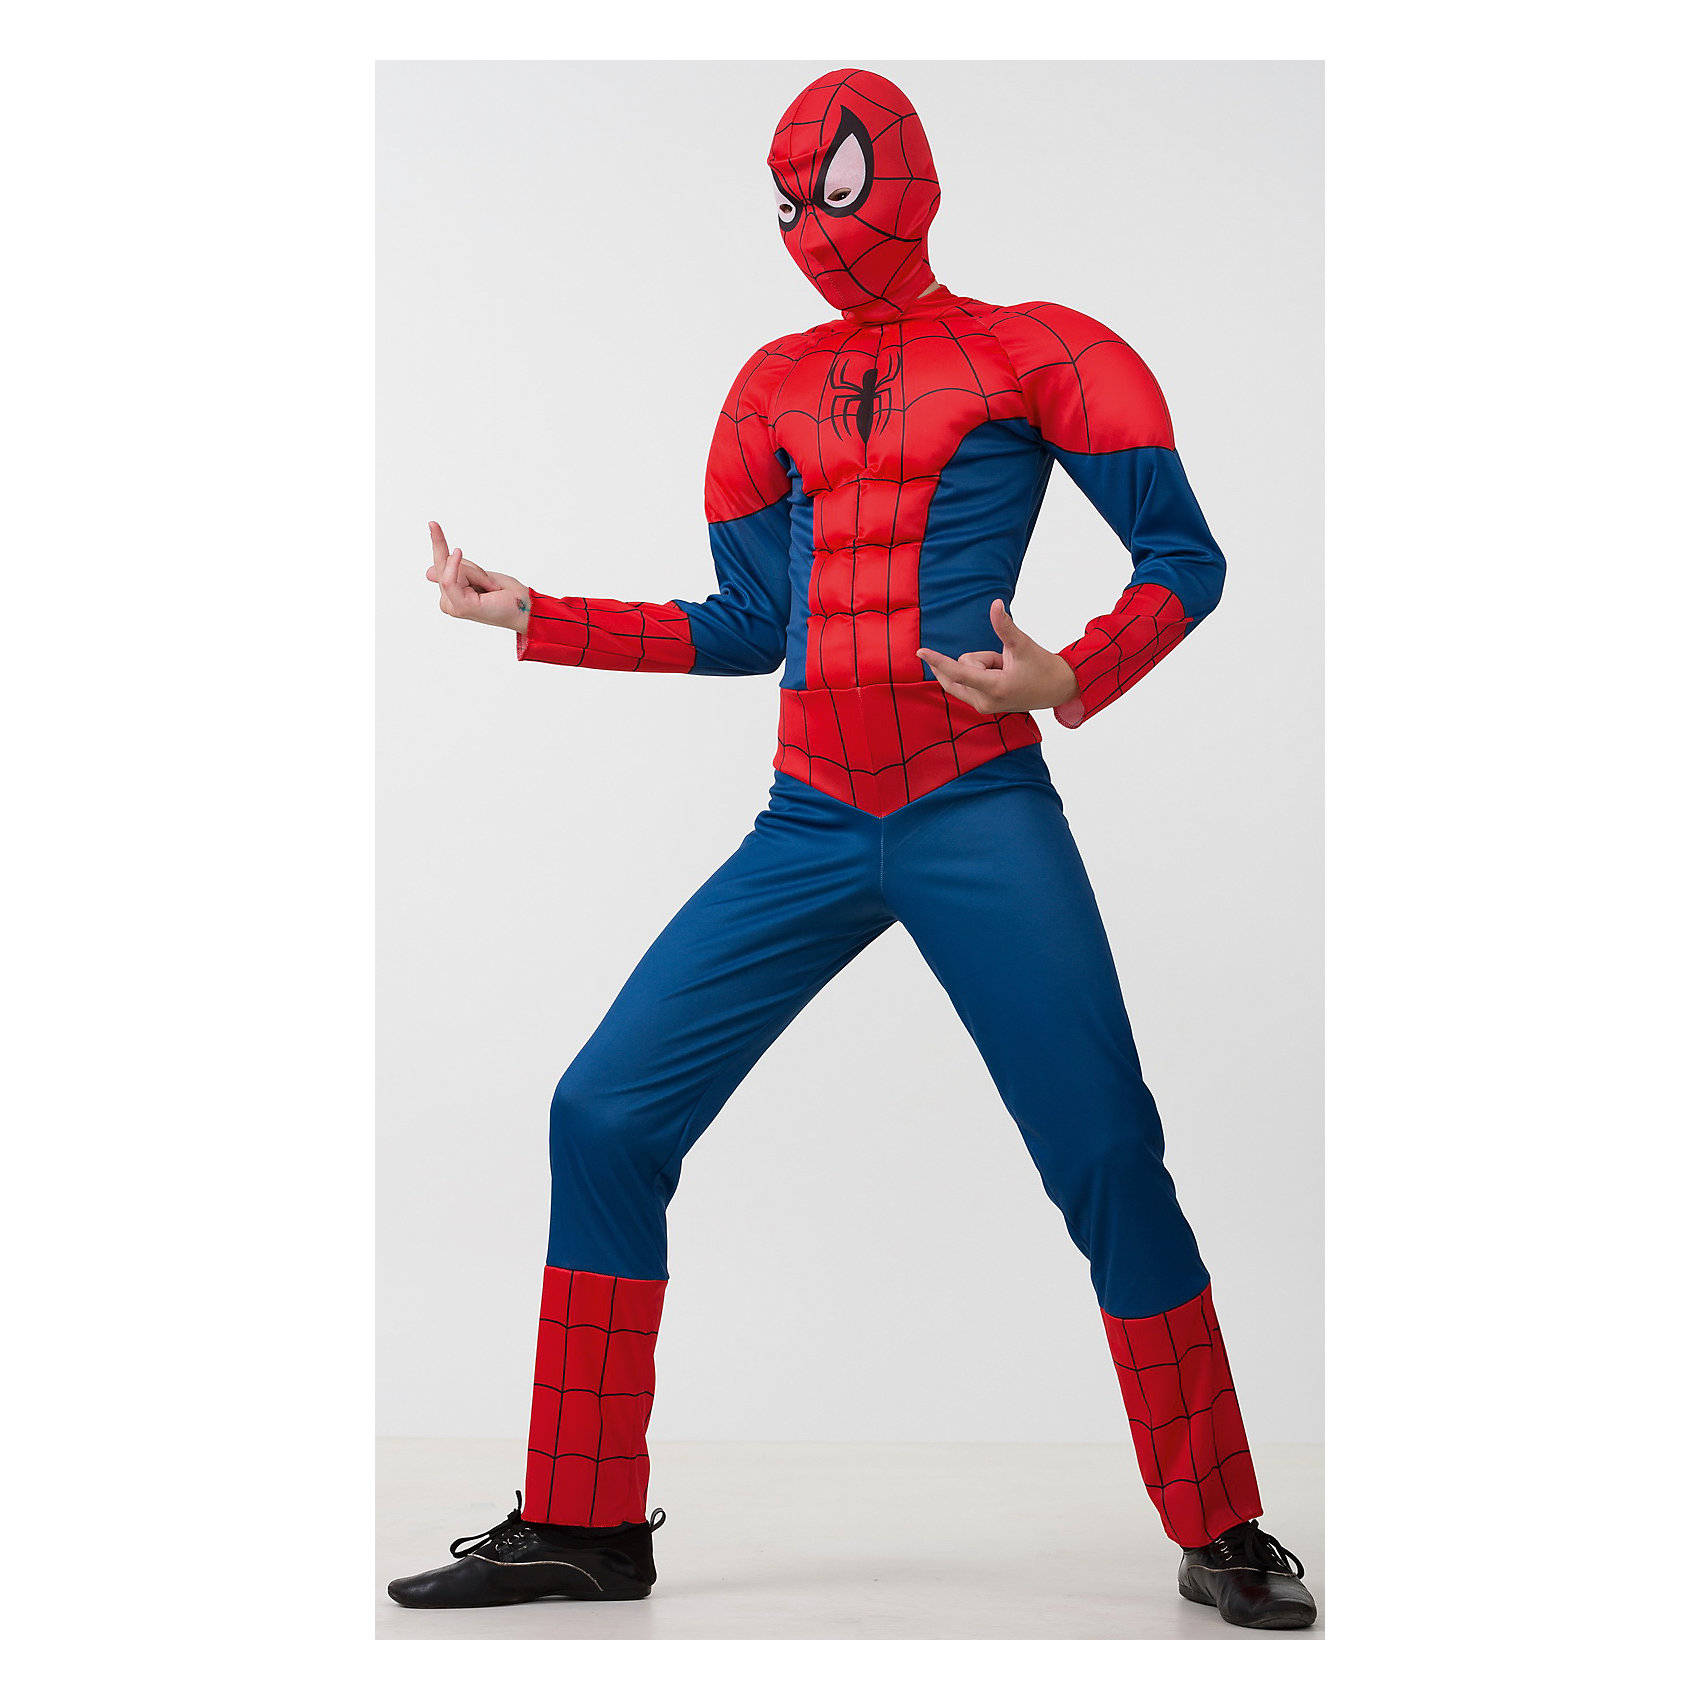 Карнавальный костюм Человек Паук, БатикКарнавальные костюмы и аксессуары<br>Этот костюм приведет в восторг любого мальчишку! Наряд состоит из маски и удобного комбинезона с рельефными вставками, изображающими мышцы. Дети обожают перевоплощаться, позвольте вашему ребенку почувствовать себя королем вечера и получить настоящее удовольствие от самого волшебного праздника в году! Костюм выполнен из высококачественных экологичных материалов, в производстве ткани использованы только безопасные, гипоаллергенные красители.<br><br>Дополнительная информация:<br><br>- Материал: текстиль, пластик.<br>- Цвет: красный, синий.<br>- Комплектация: комбинезон, маска.<br>- Параметры для размера 32:<br>- обхват груди: 64 см.<br>- рост: 122 см.<br>  <br>Карнавальный костюм Человек Паук (Spider Man), Батик  можно купить в нашем магазине.<br><br>Ширина мм: 500<br>Глубина мм: 50<br>Высота мм: 700<br>Вес г: 600<br>Цвет: разноцветный<br>Возраст от месяцев: 60<br>Возраст до месяцев: 72<br>Пол: Мужской<br>Возраст: Детский<br>Размер: 30,28<br>SKU: 4412725